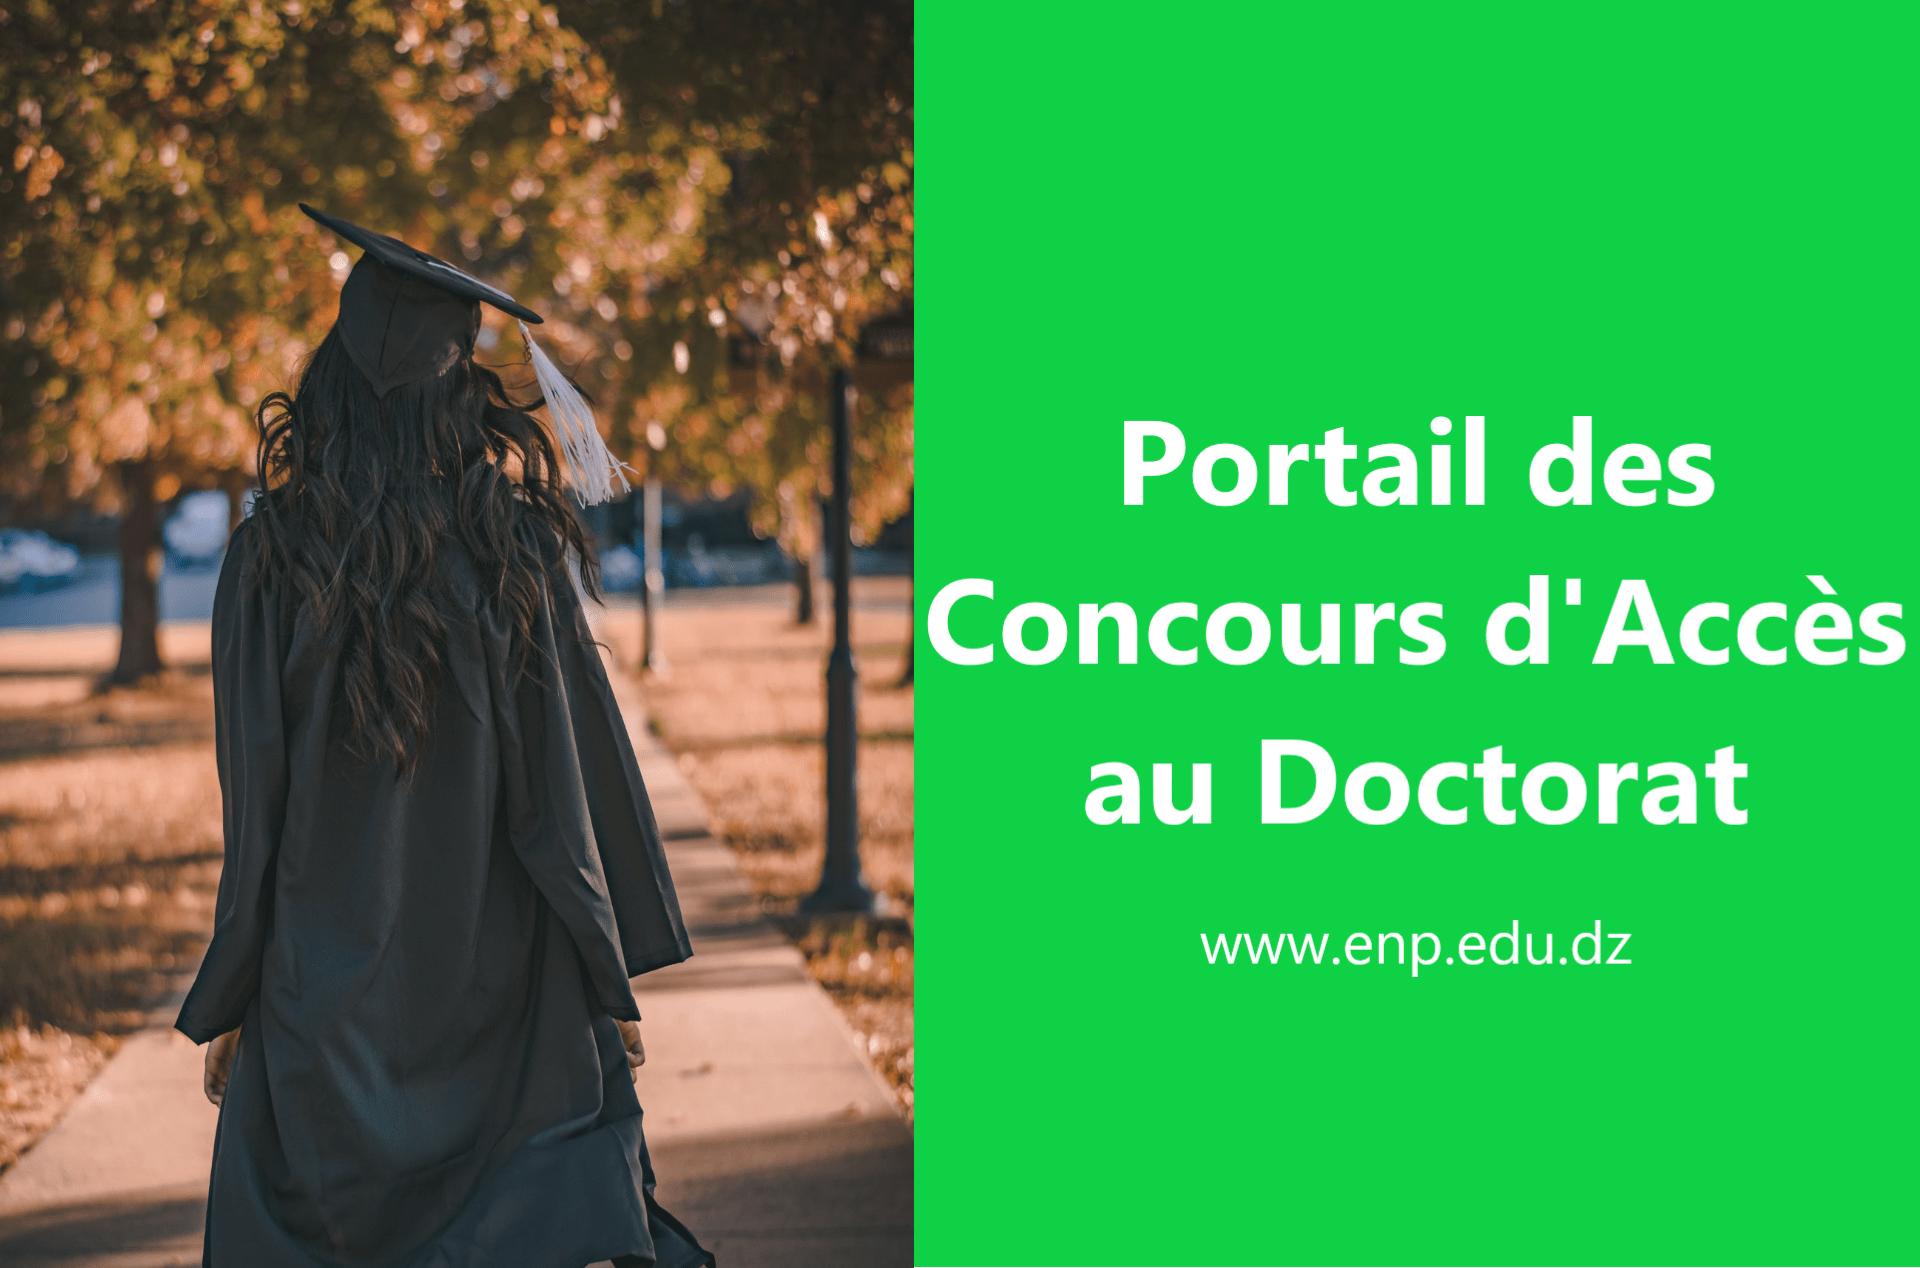 portail des concours d'accès au doctorat